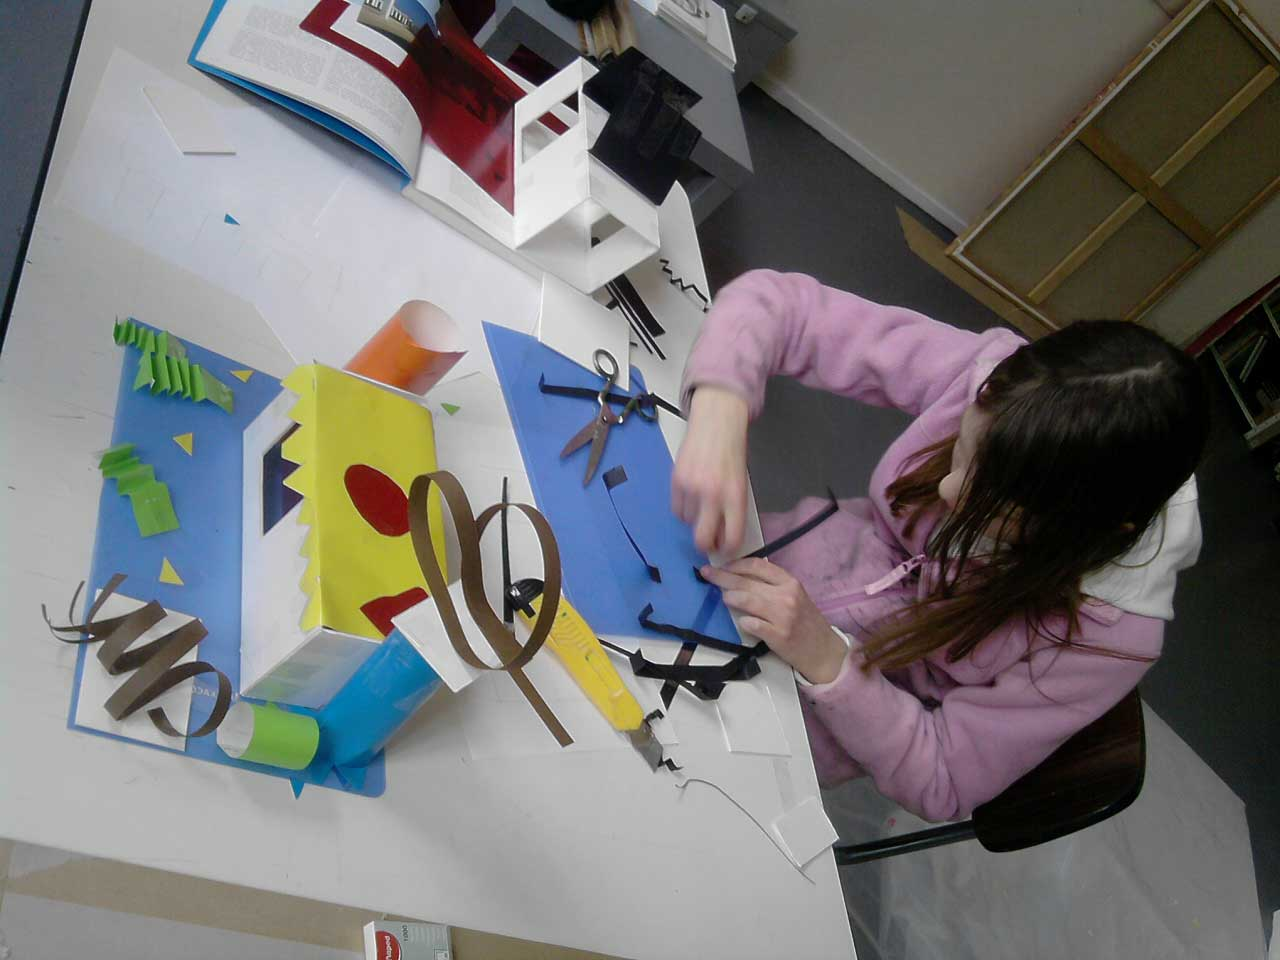 Cours d'art plastique pour Adolescents et Enfants - Réalisation de la maquette